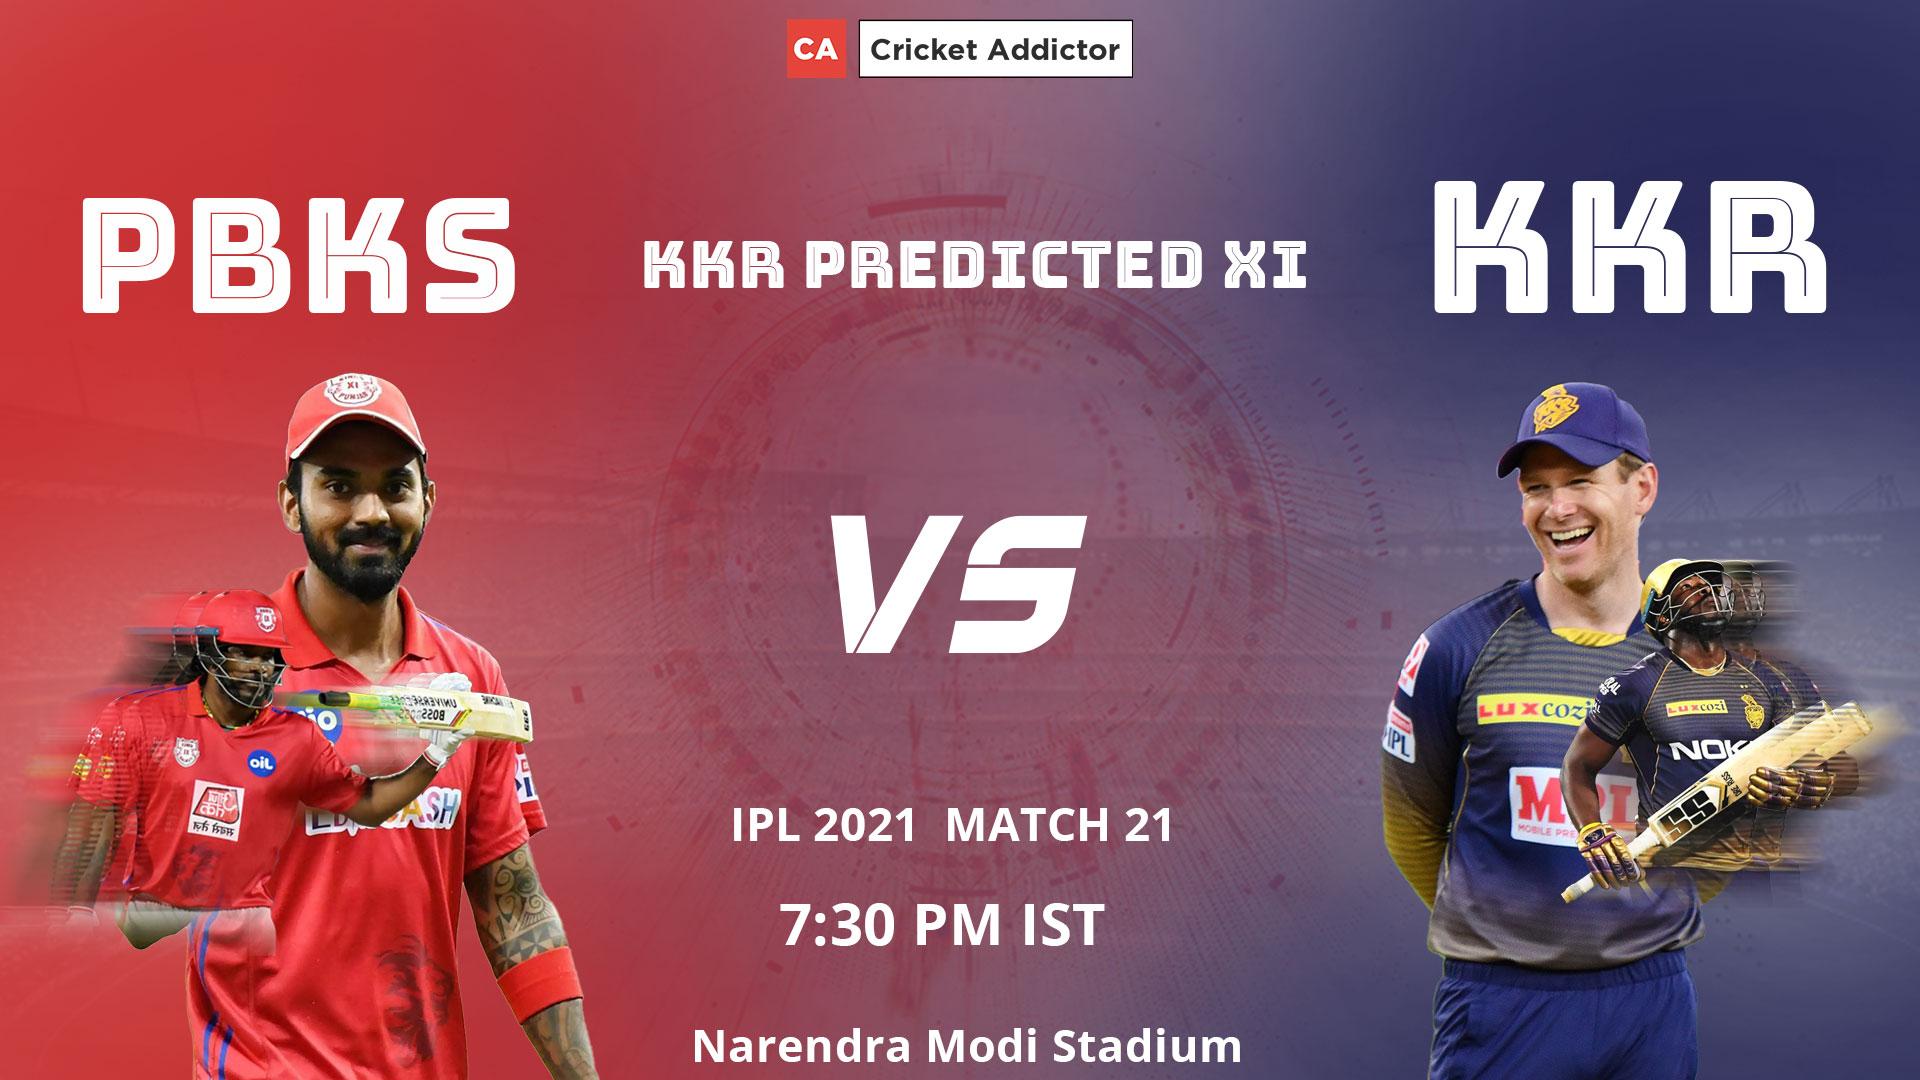 IPL 2021, Kolkata Knight Riders, KKR, PBKS vs KKR, predicted playing XI, playing XI